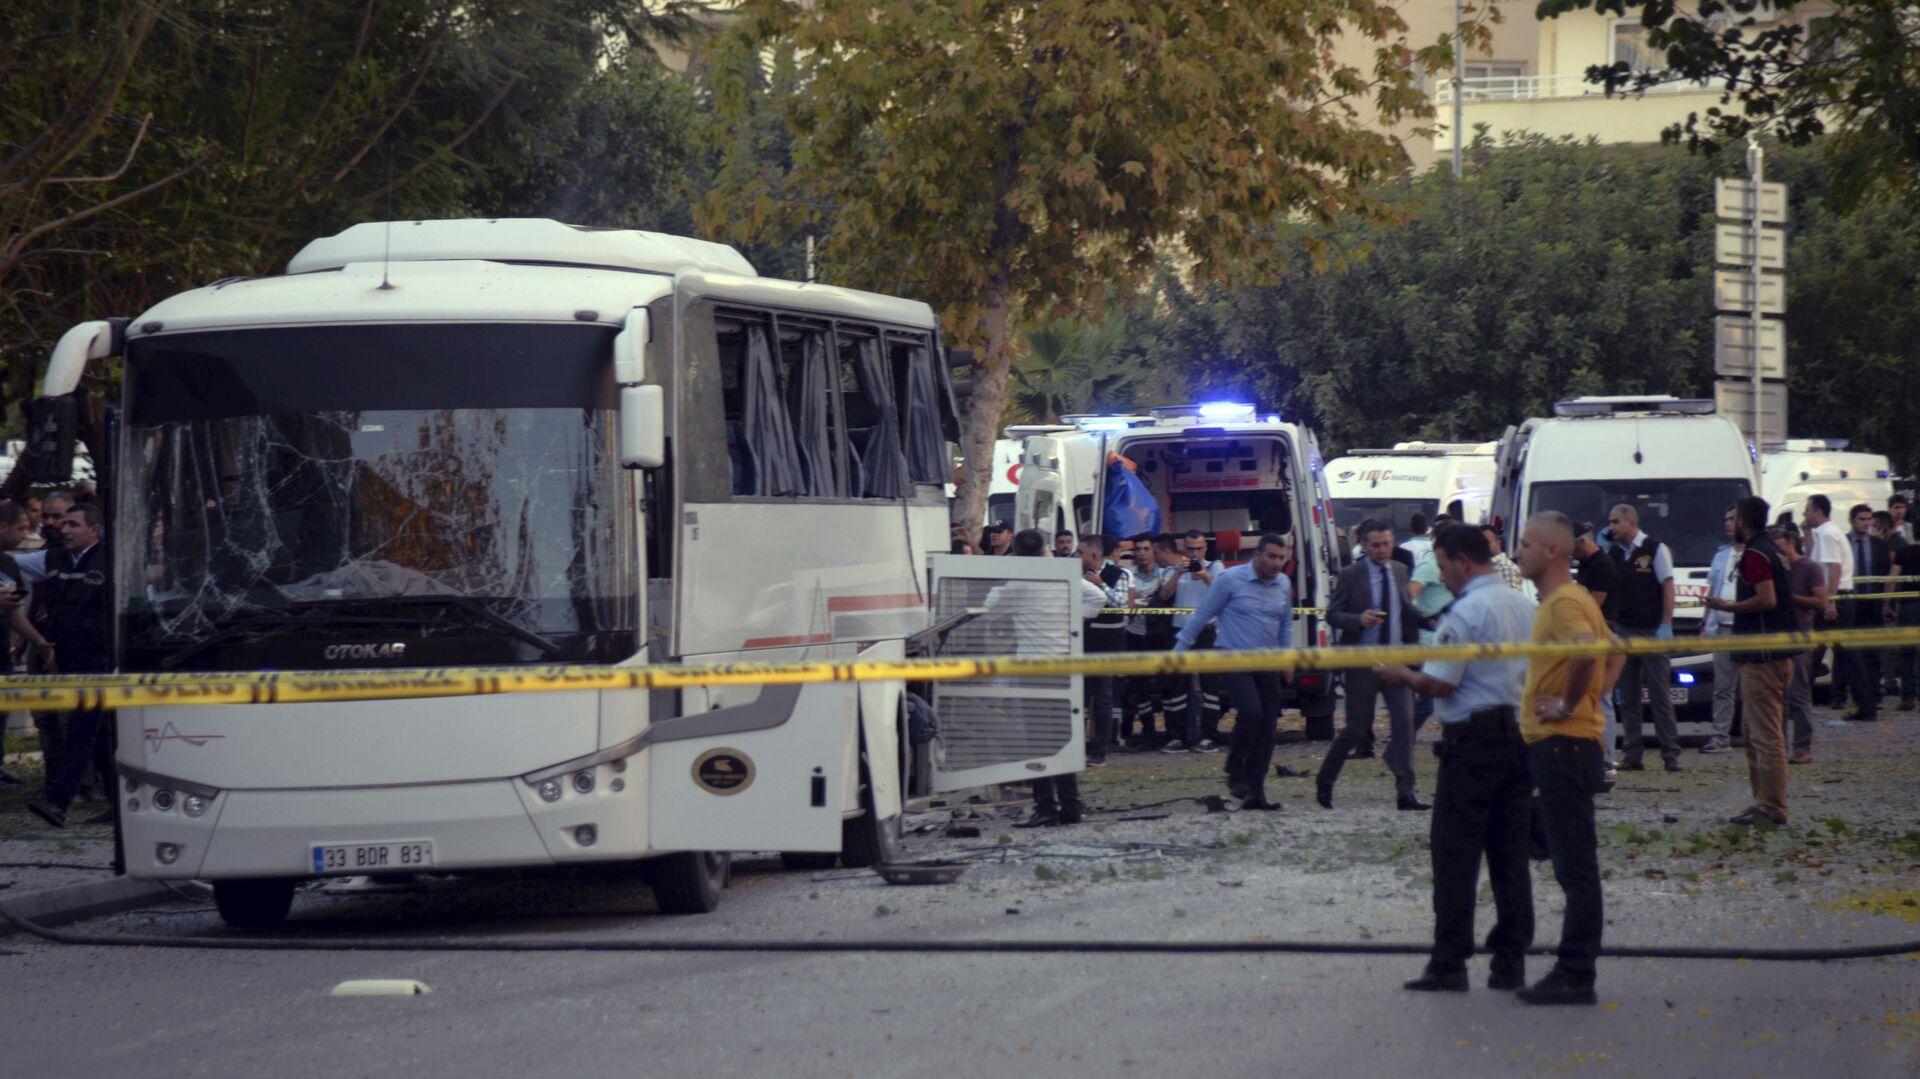 Автобус в турецком Мерсине после взрыва. 17 октября 2017 - РИА Новости, 1920, 18.09.2020